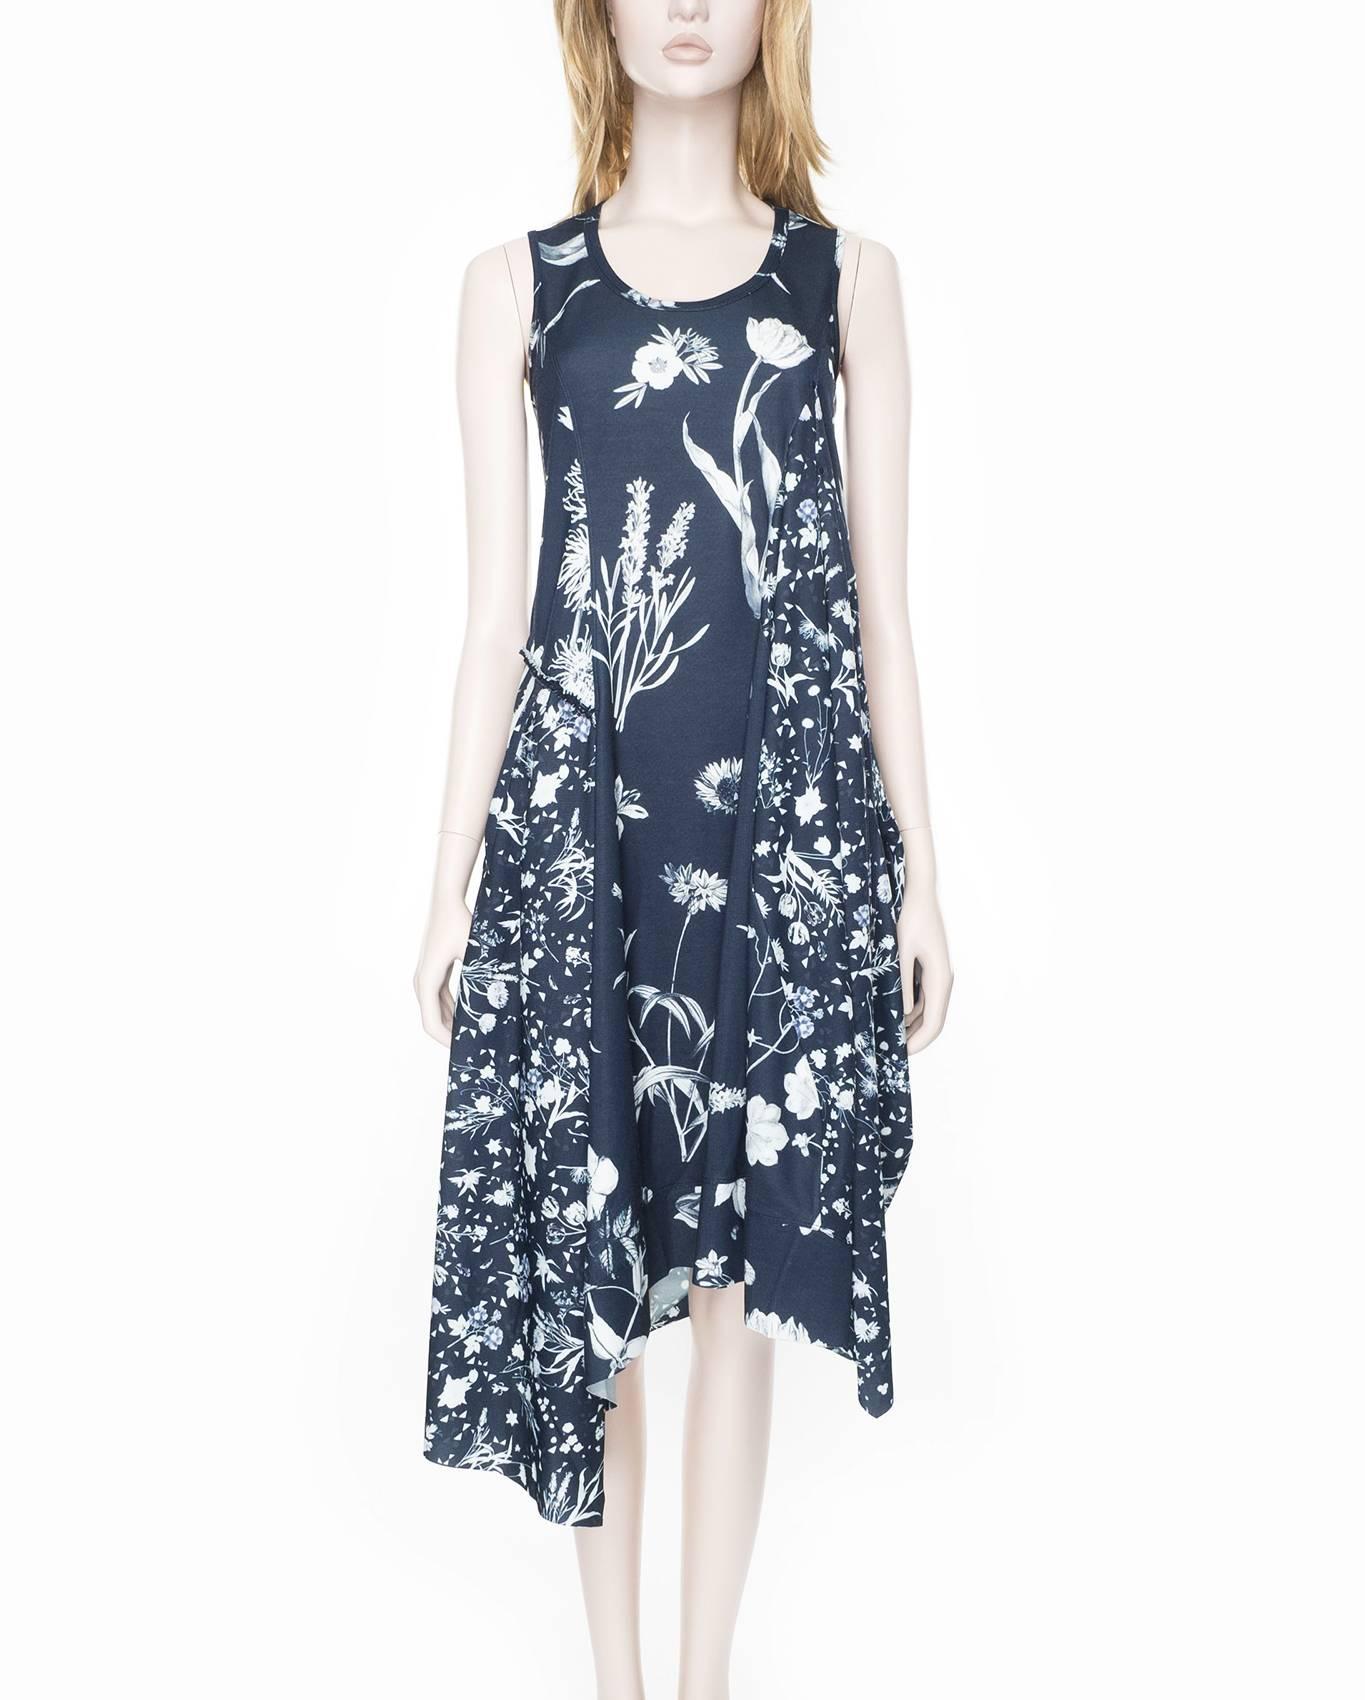 Kleid ABITO DONNA 012 | HIGH